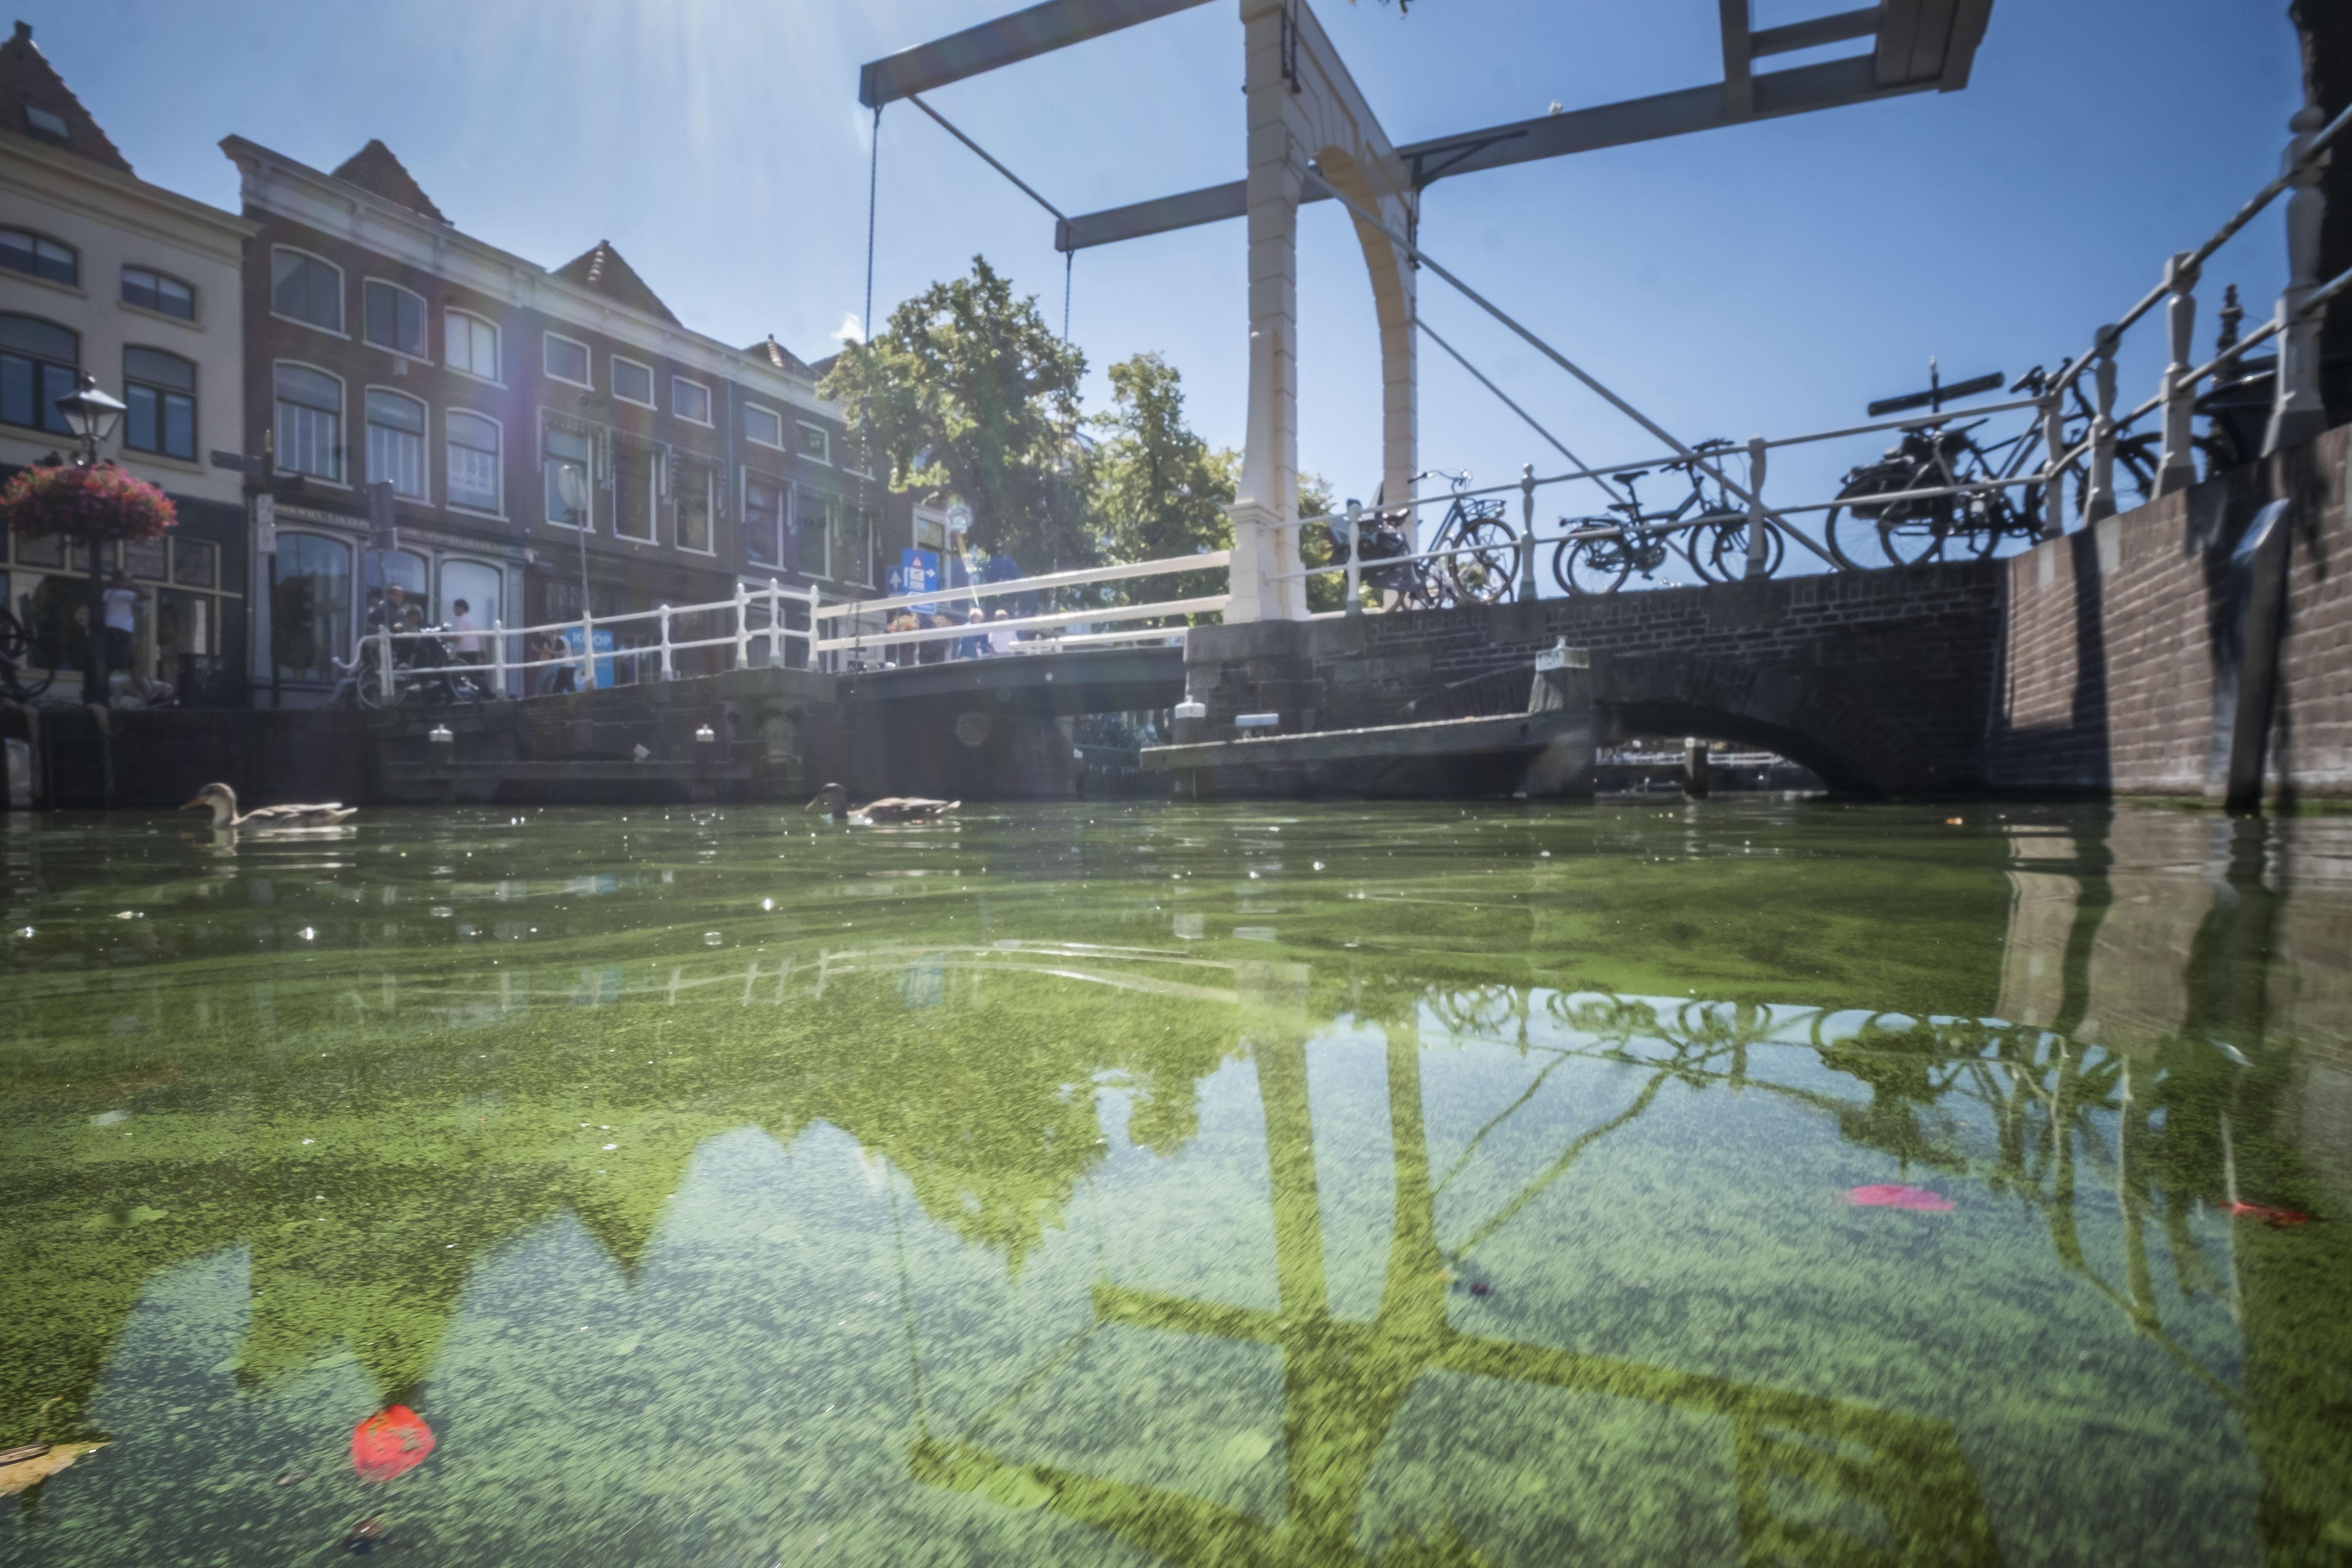 De grachten van Alkmaar krijgen weer de aankondigende zweem van smaragd, de nieuwe tint vertelt dat de giftige bacterie weer bloeit in de stad: Blauwalg